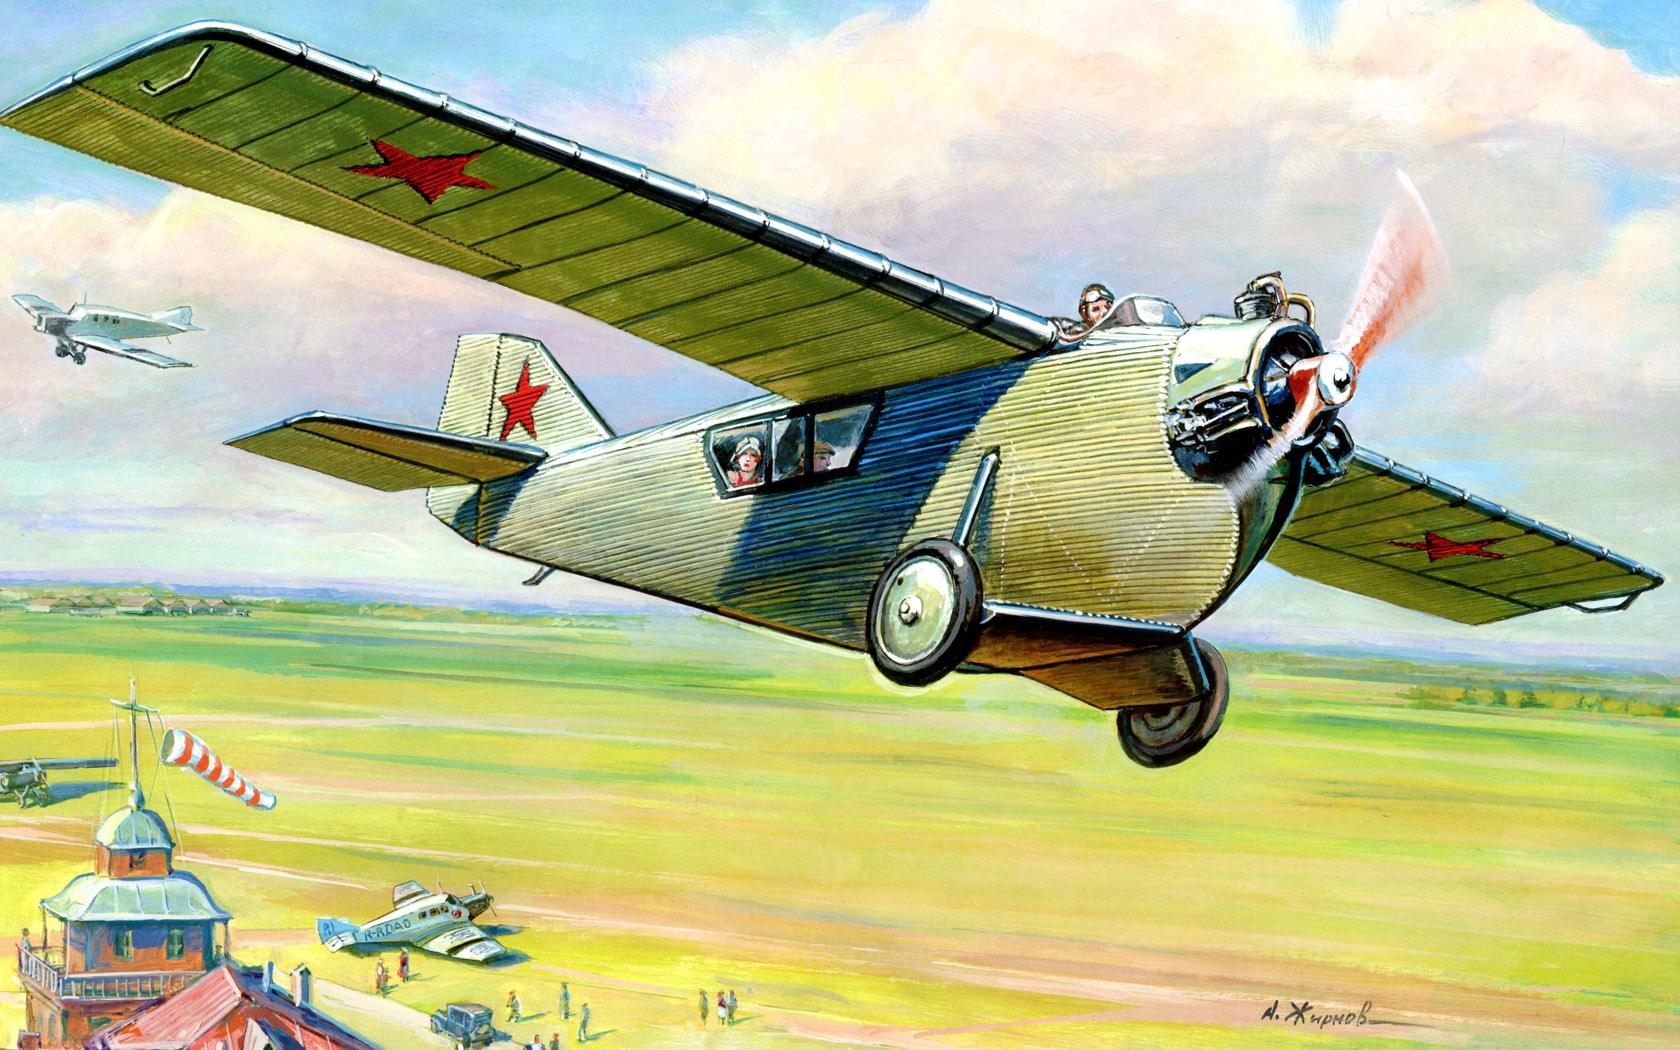 Жирнов Андрей. Пассажирский самолет Ант-2.